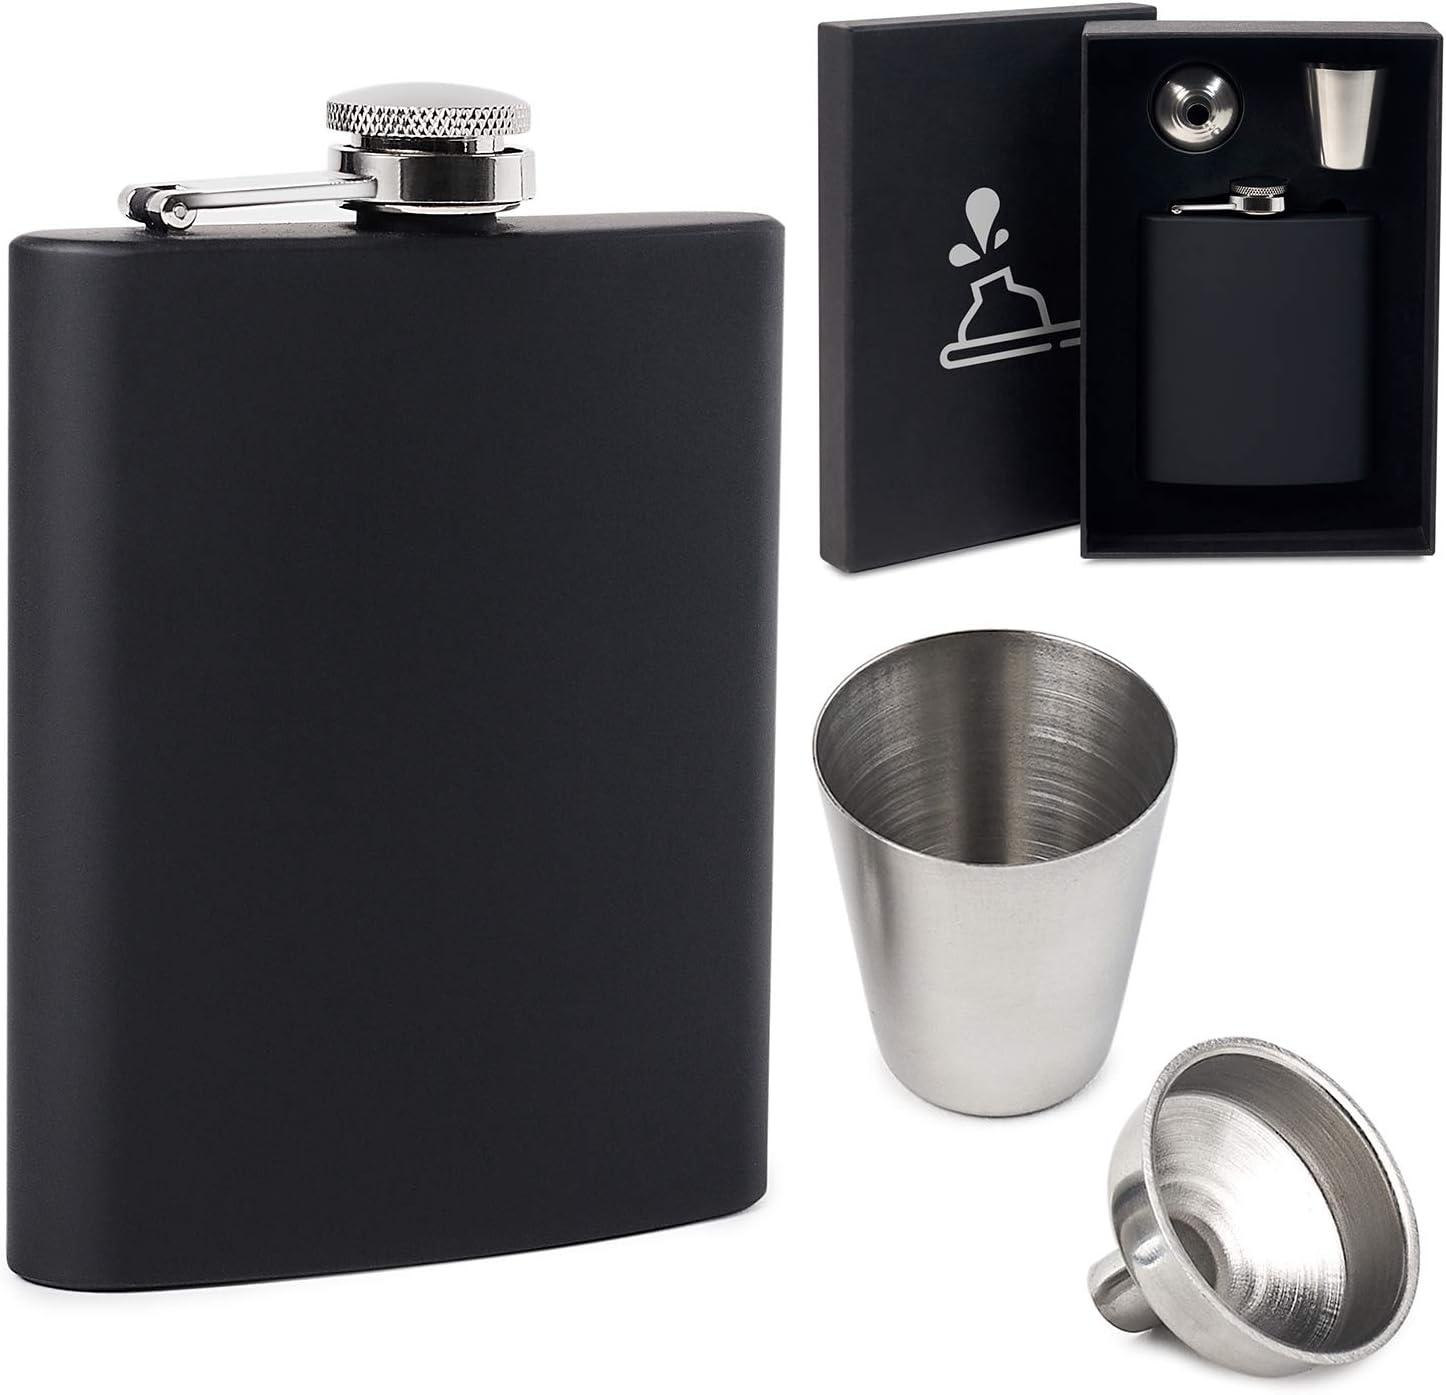 Osmykqe Hip Flask Presock Skull Middle Finger Hip Flask for Liquor Stainless Steel Bottle Alcohol 7oz Best Birthday Gift Present for Women Men